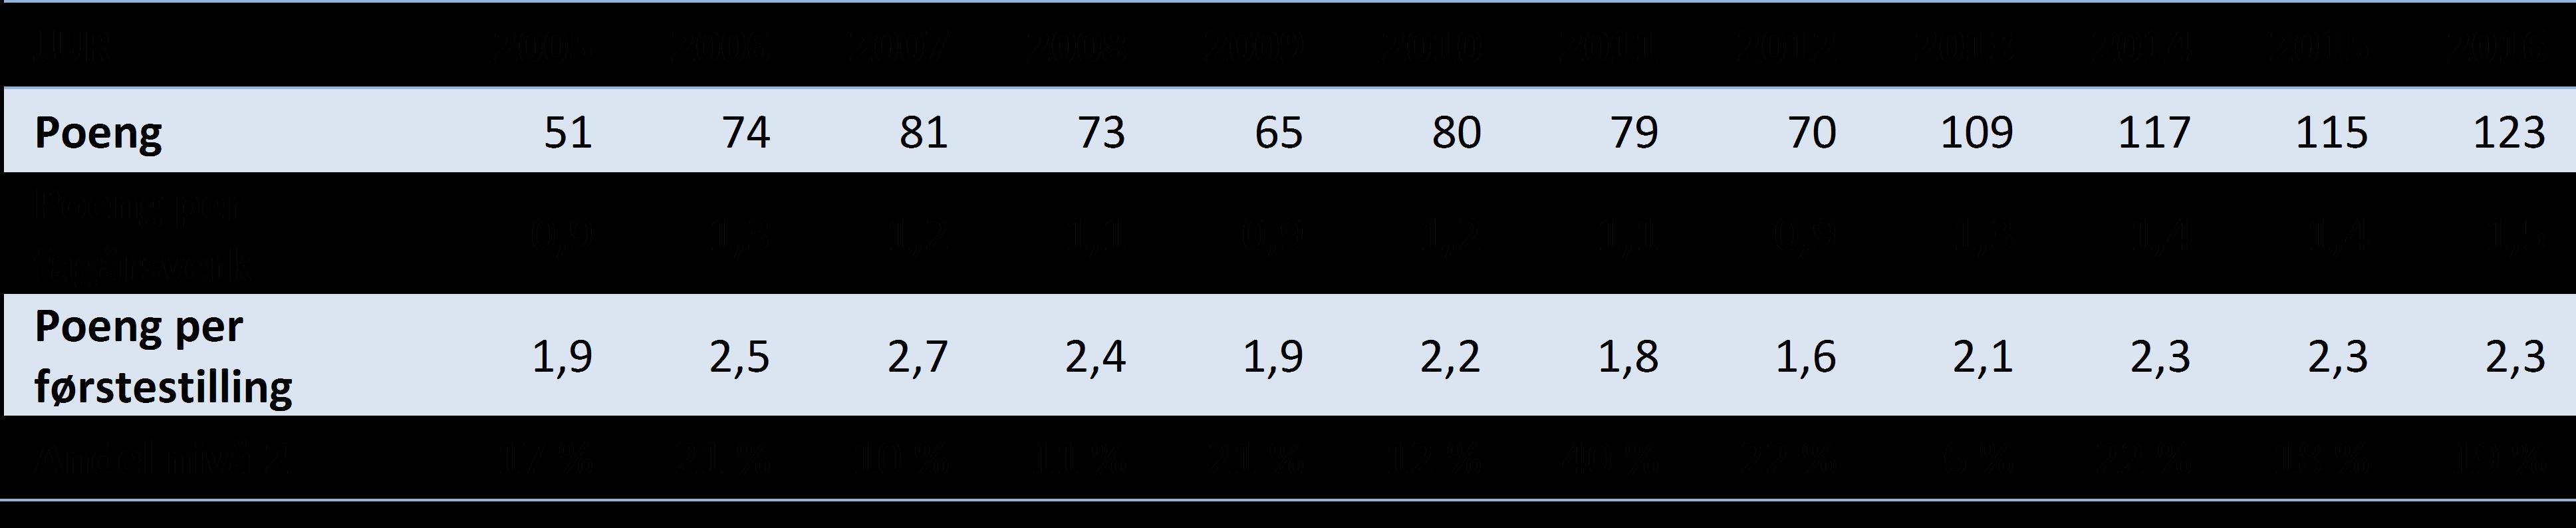 Tabell 1 Hovedindikatorer for publisering ved Det juridiske fakultet, 2005-2016 (DBH).